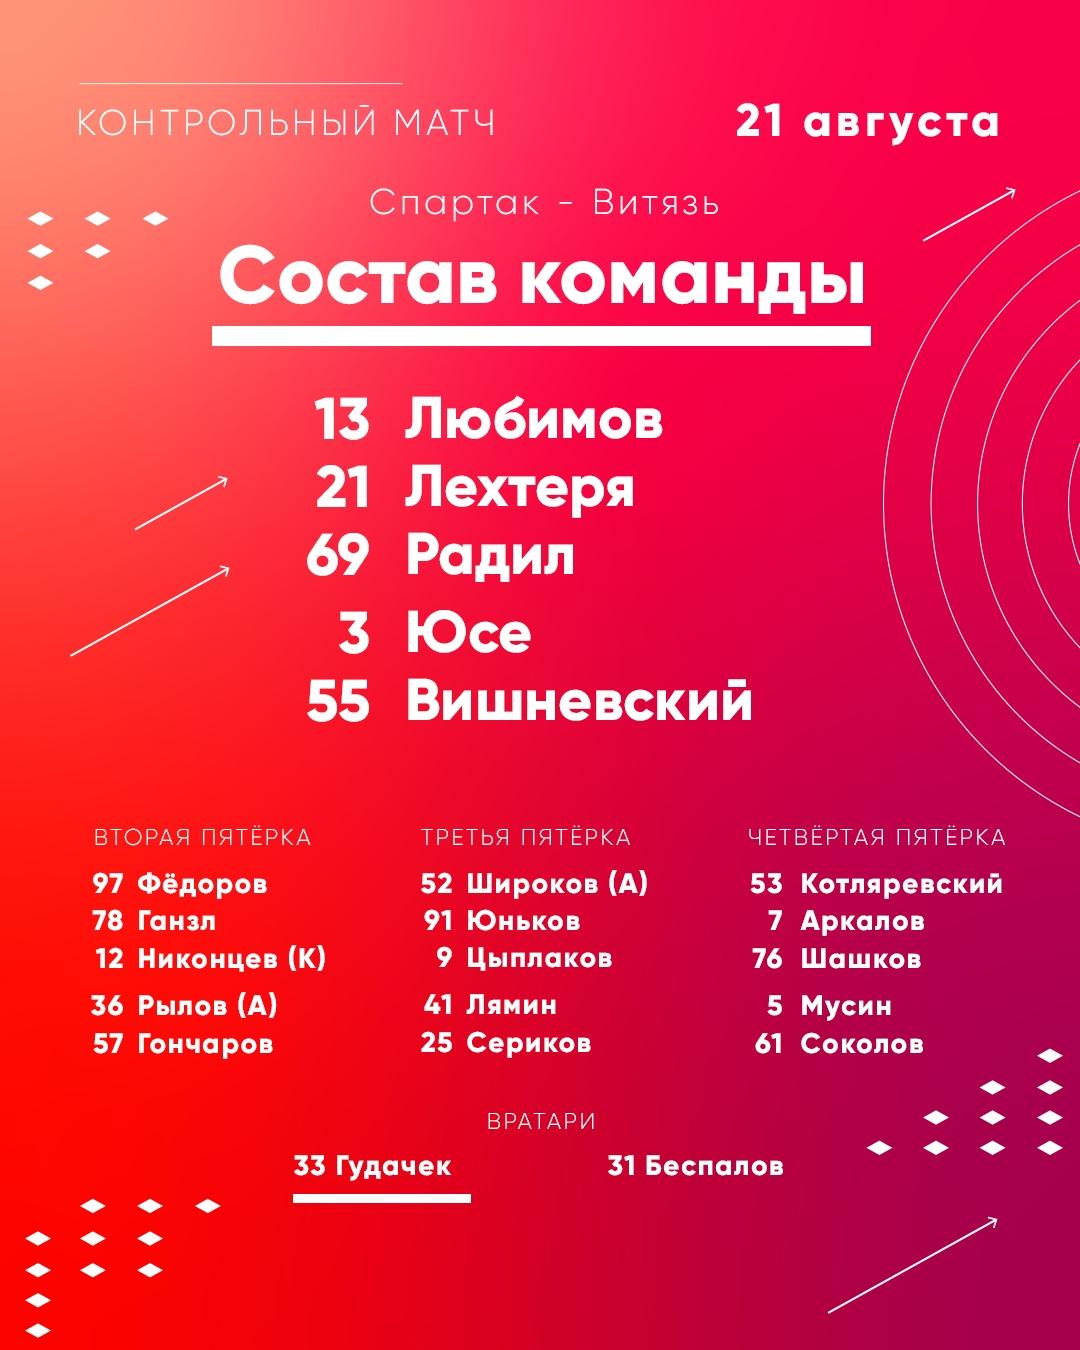 Состав «Спартака» на контрольный матч с «Витязем»